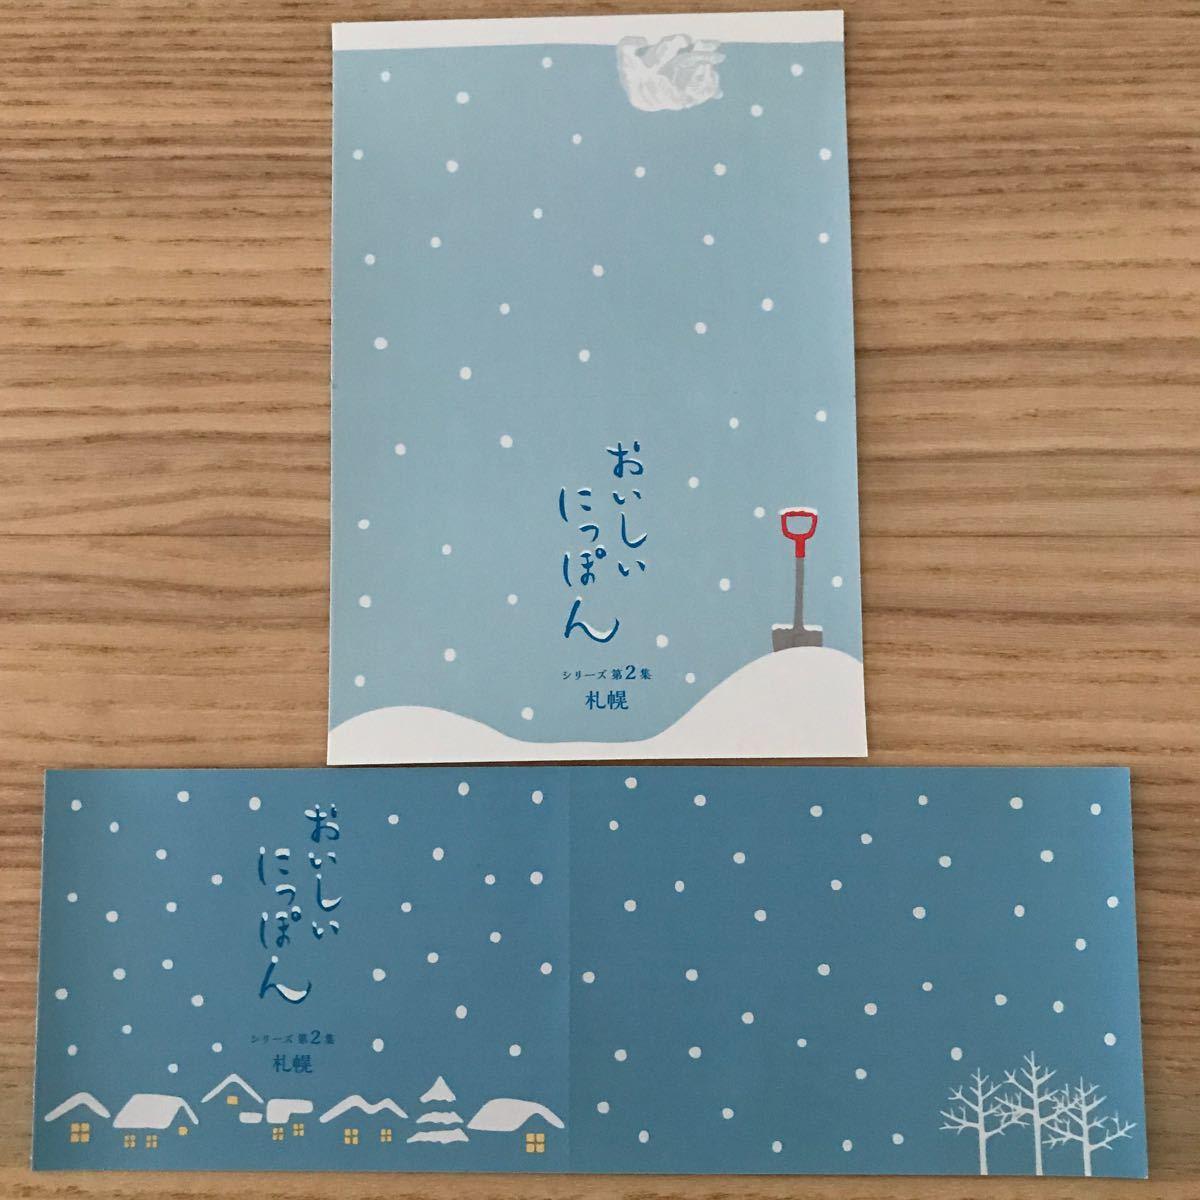 未使用 切手 ムーミン お年玉切手シート おいしいにっぽん 江戸 大相撲 シール切手 8シート 5607円分